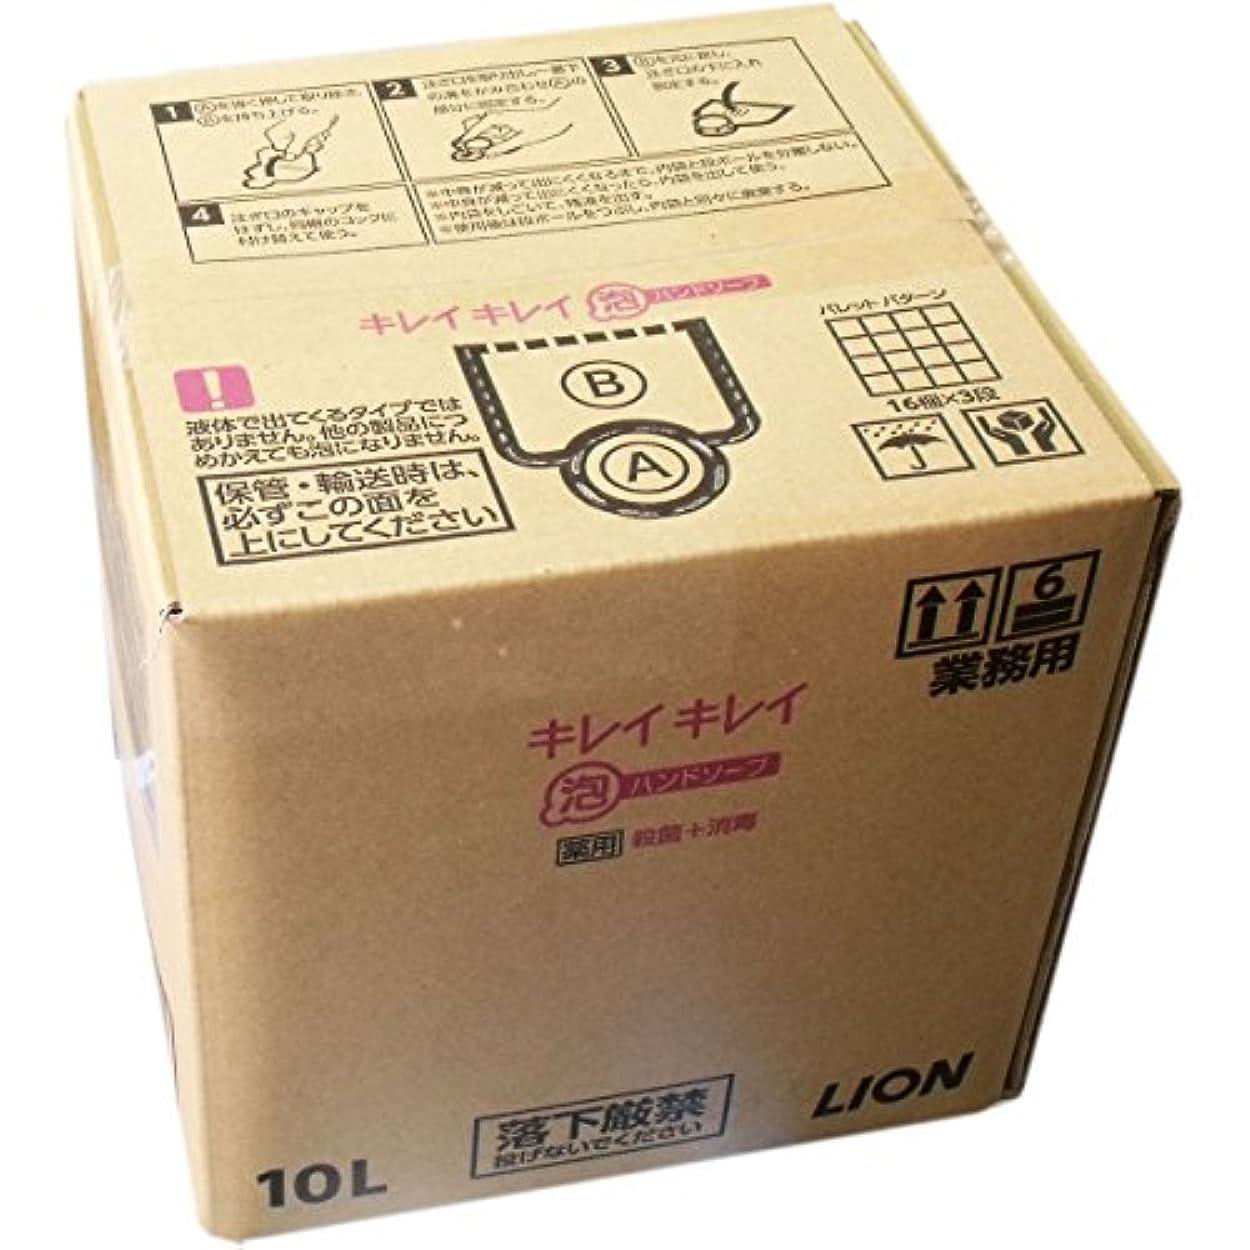 今後とげのあるビリーヤギライオン 業務用キレイキレイ 薬用泡ハンドソープ 10L